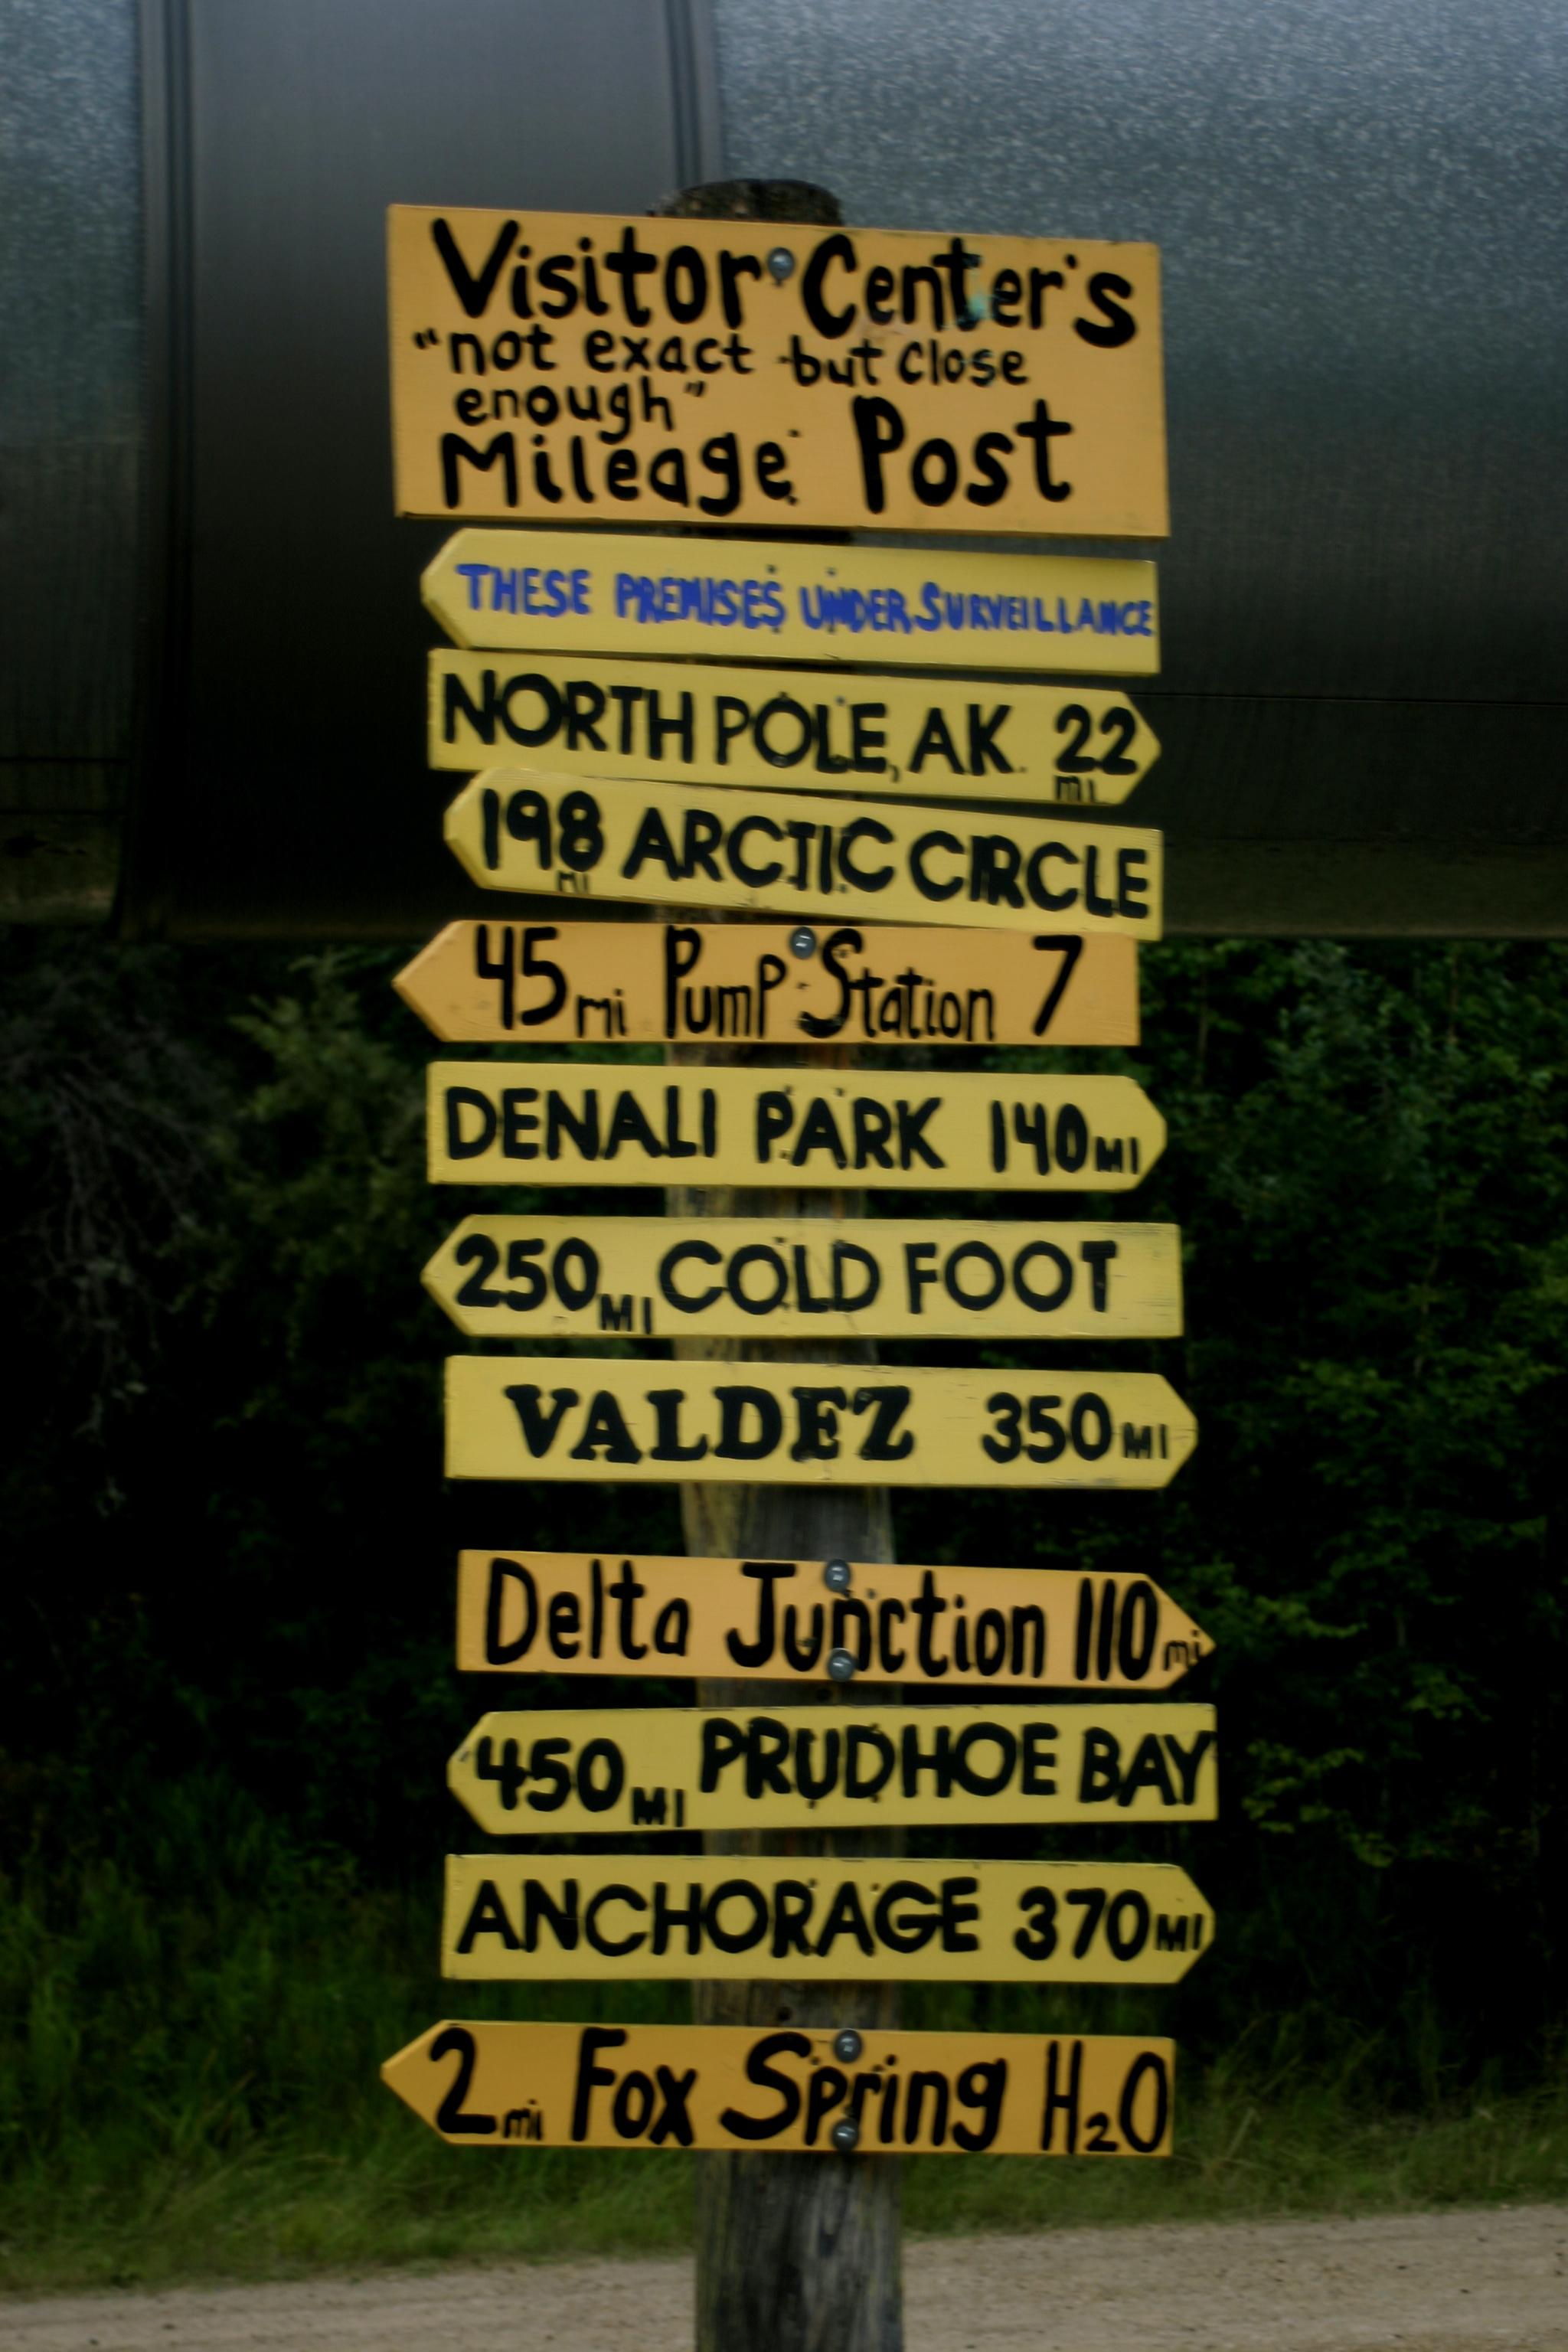 Mileage Post